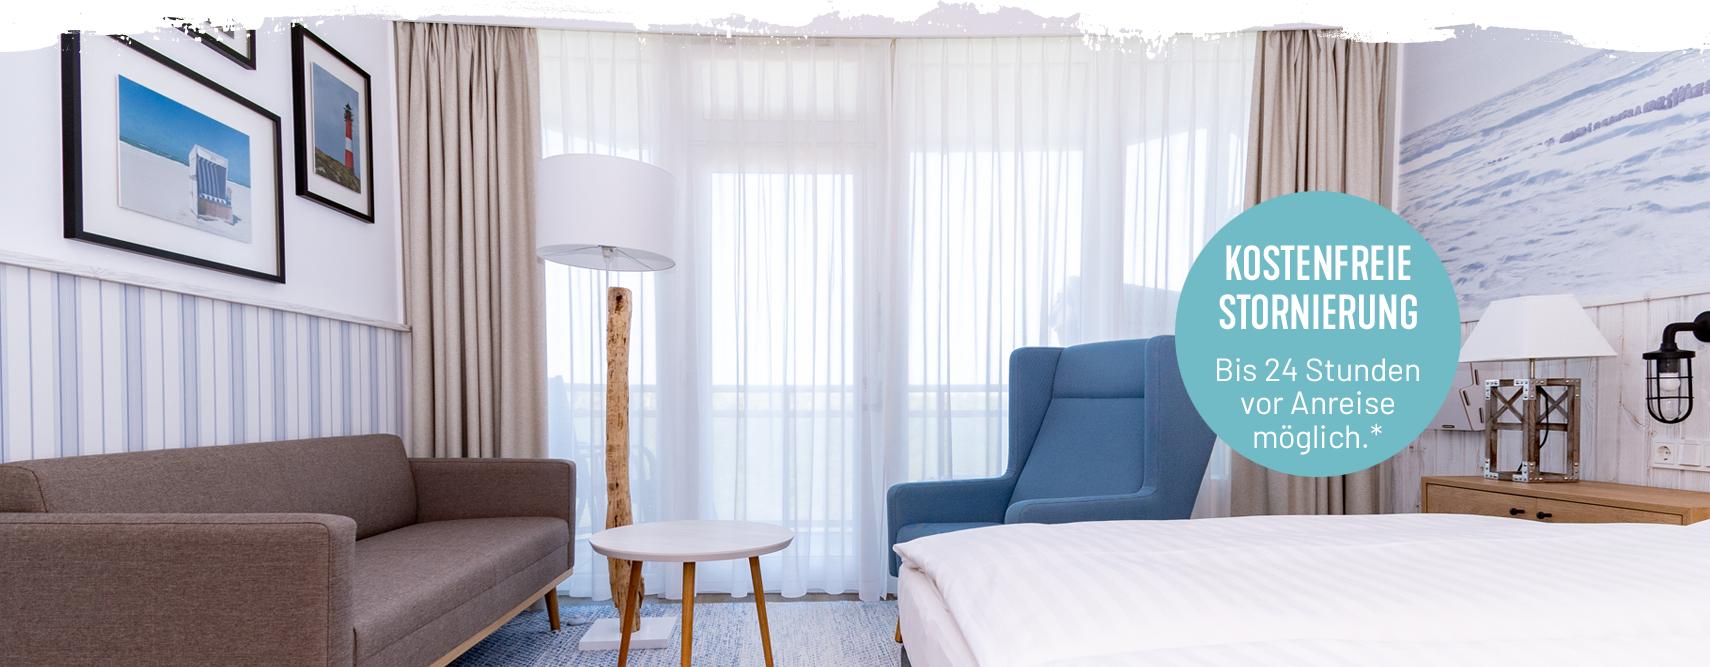 Buchung mit kostenfreier Stornierung von Hotelzimmern im Wyn. Strandhotel Sylt